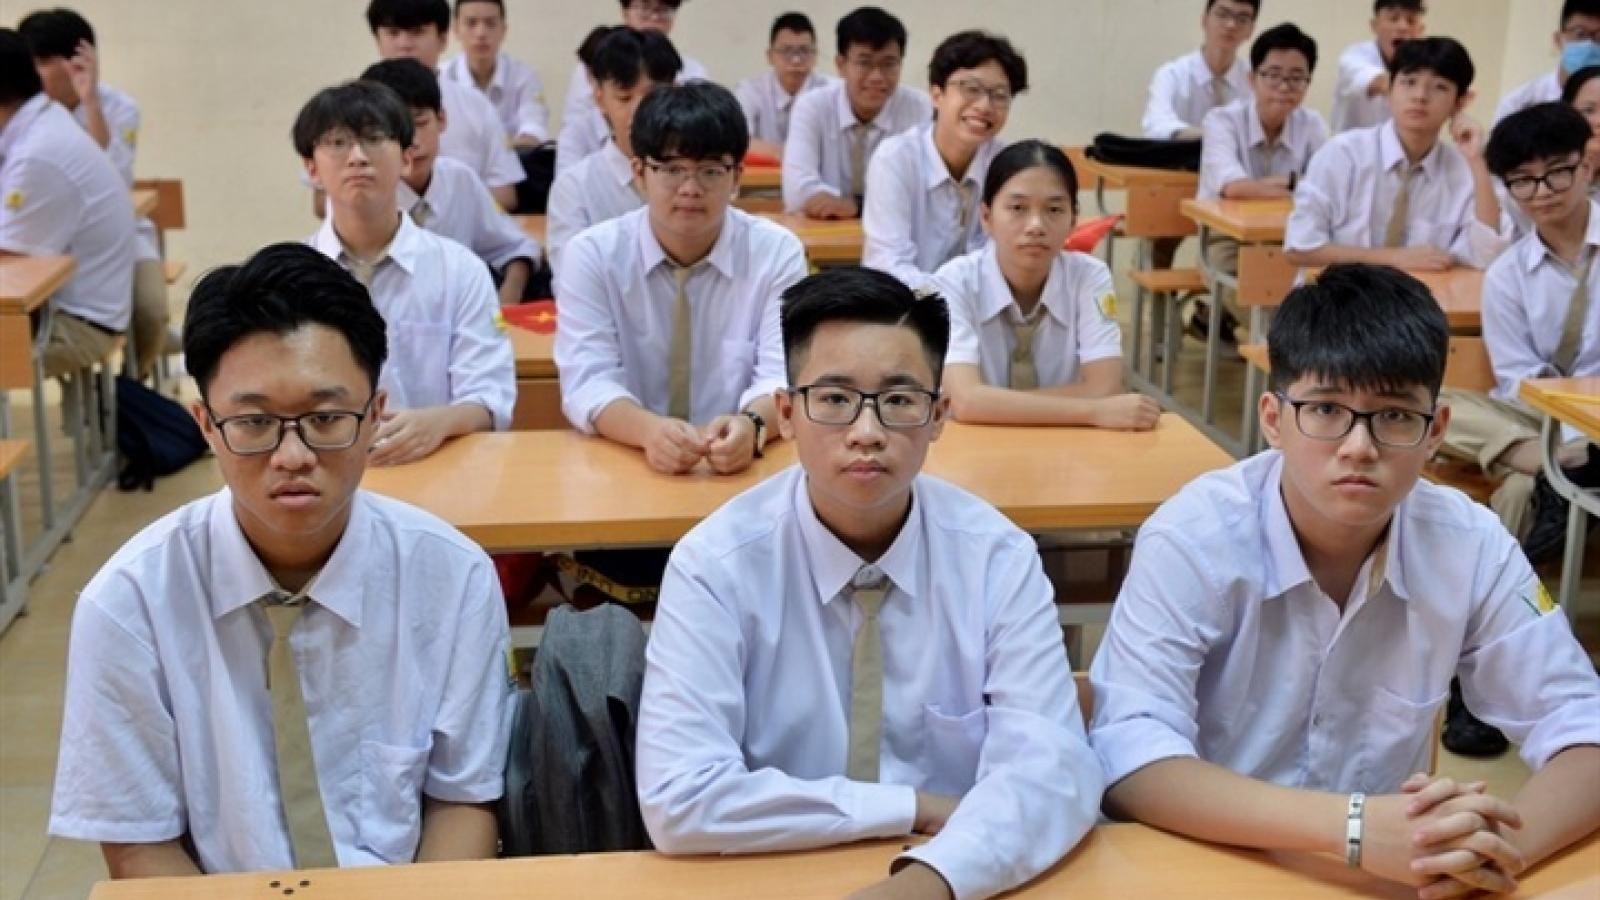 10 tỉnh thành miễn học phí cho học sinh năm học 2021-2022